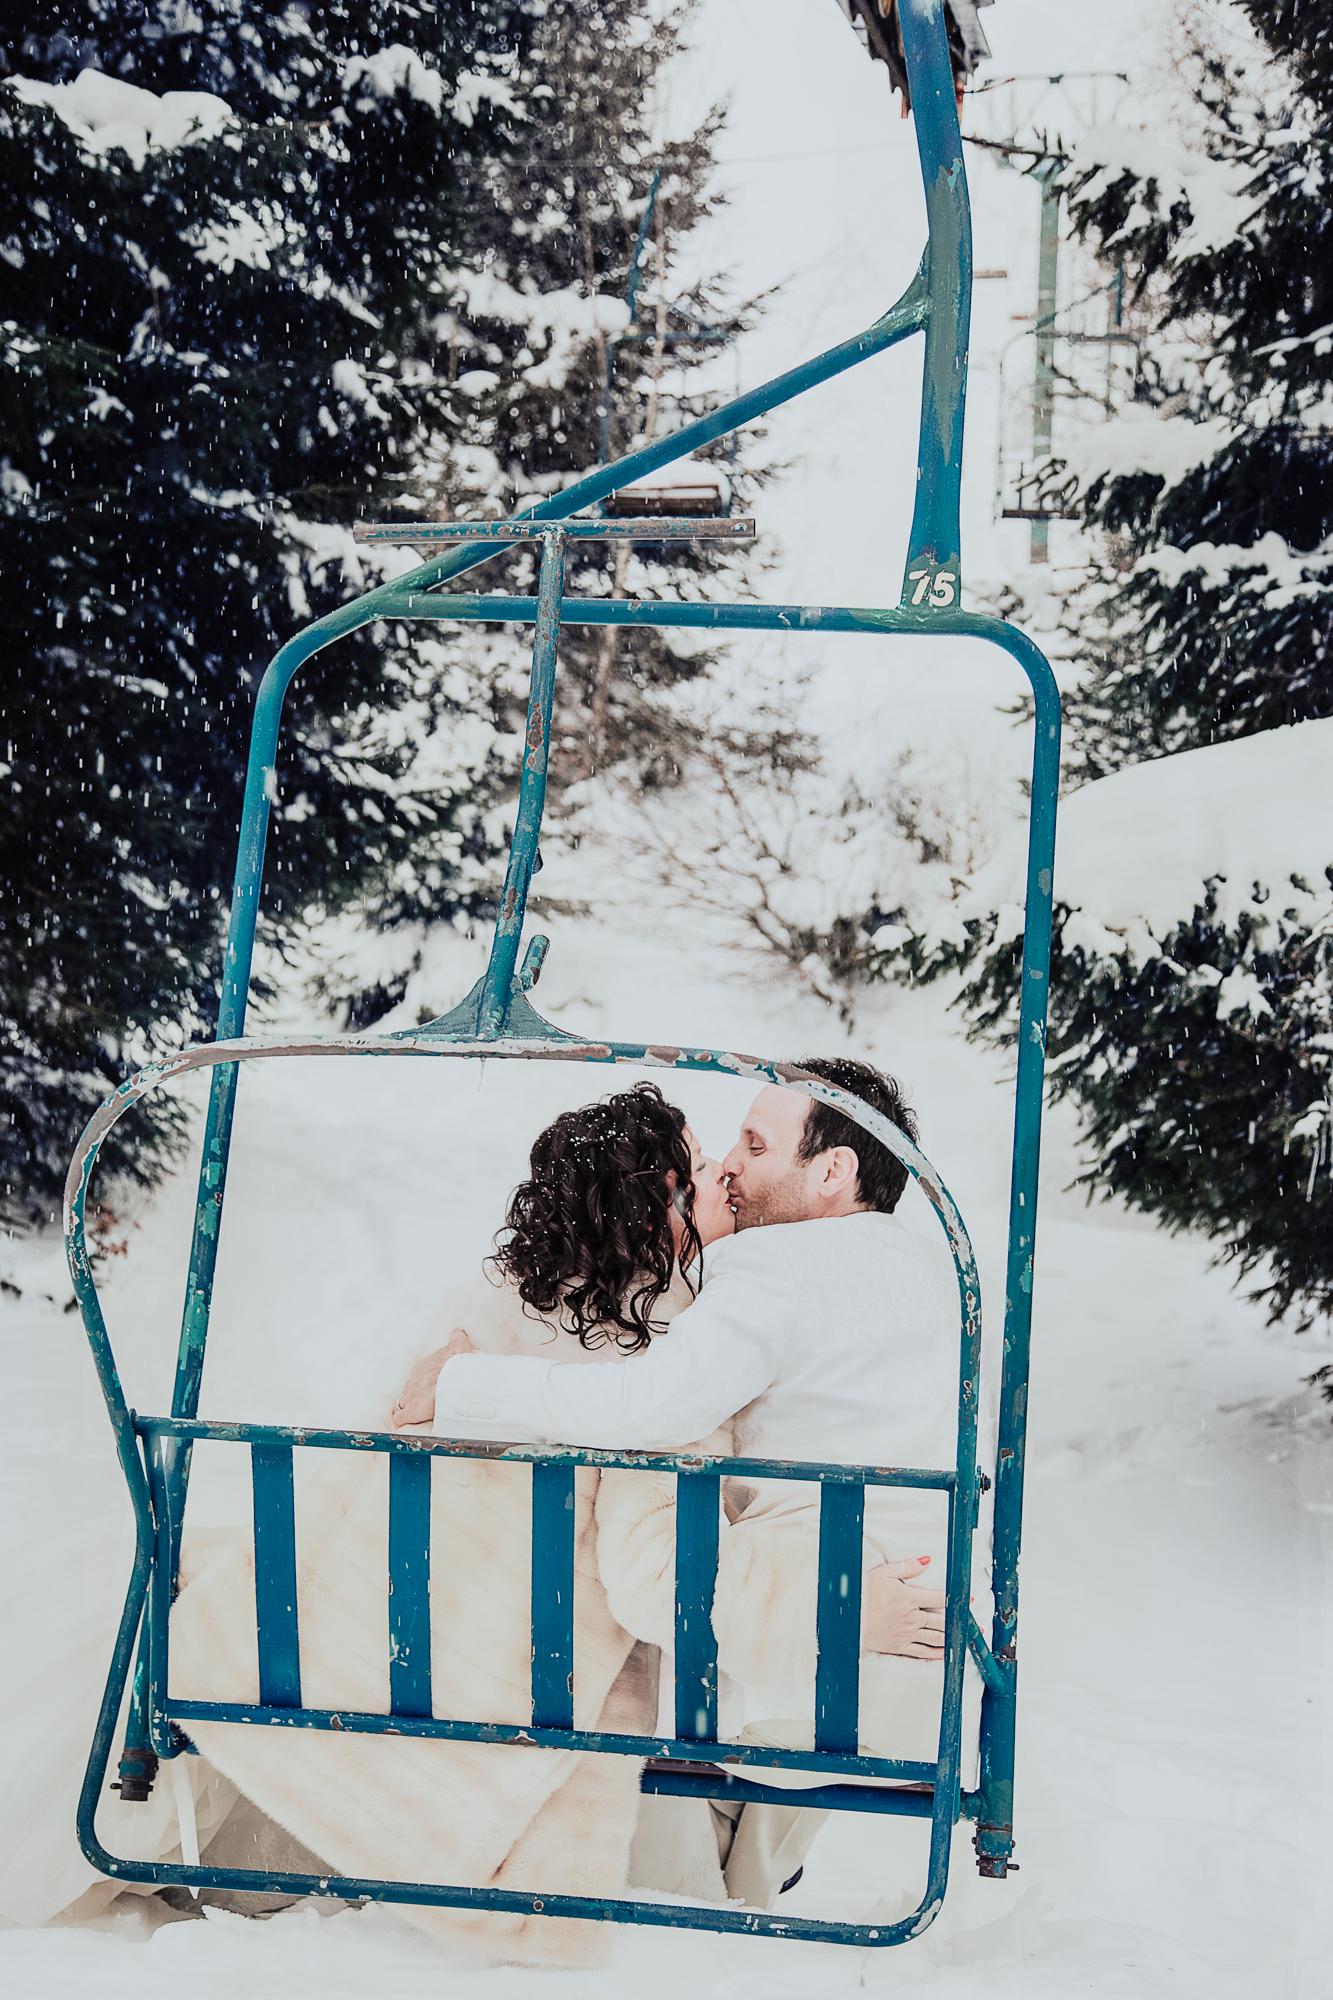 les mariés son assis sur un ancien télésiège et s'embrassent